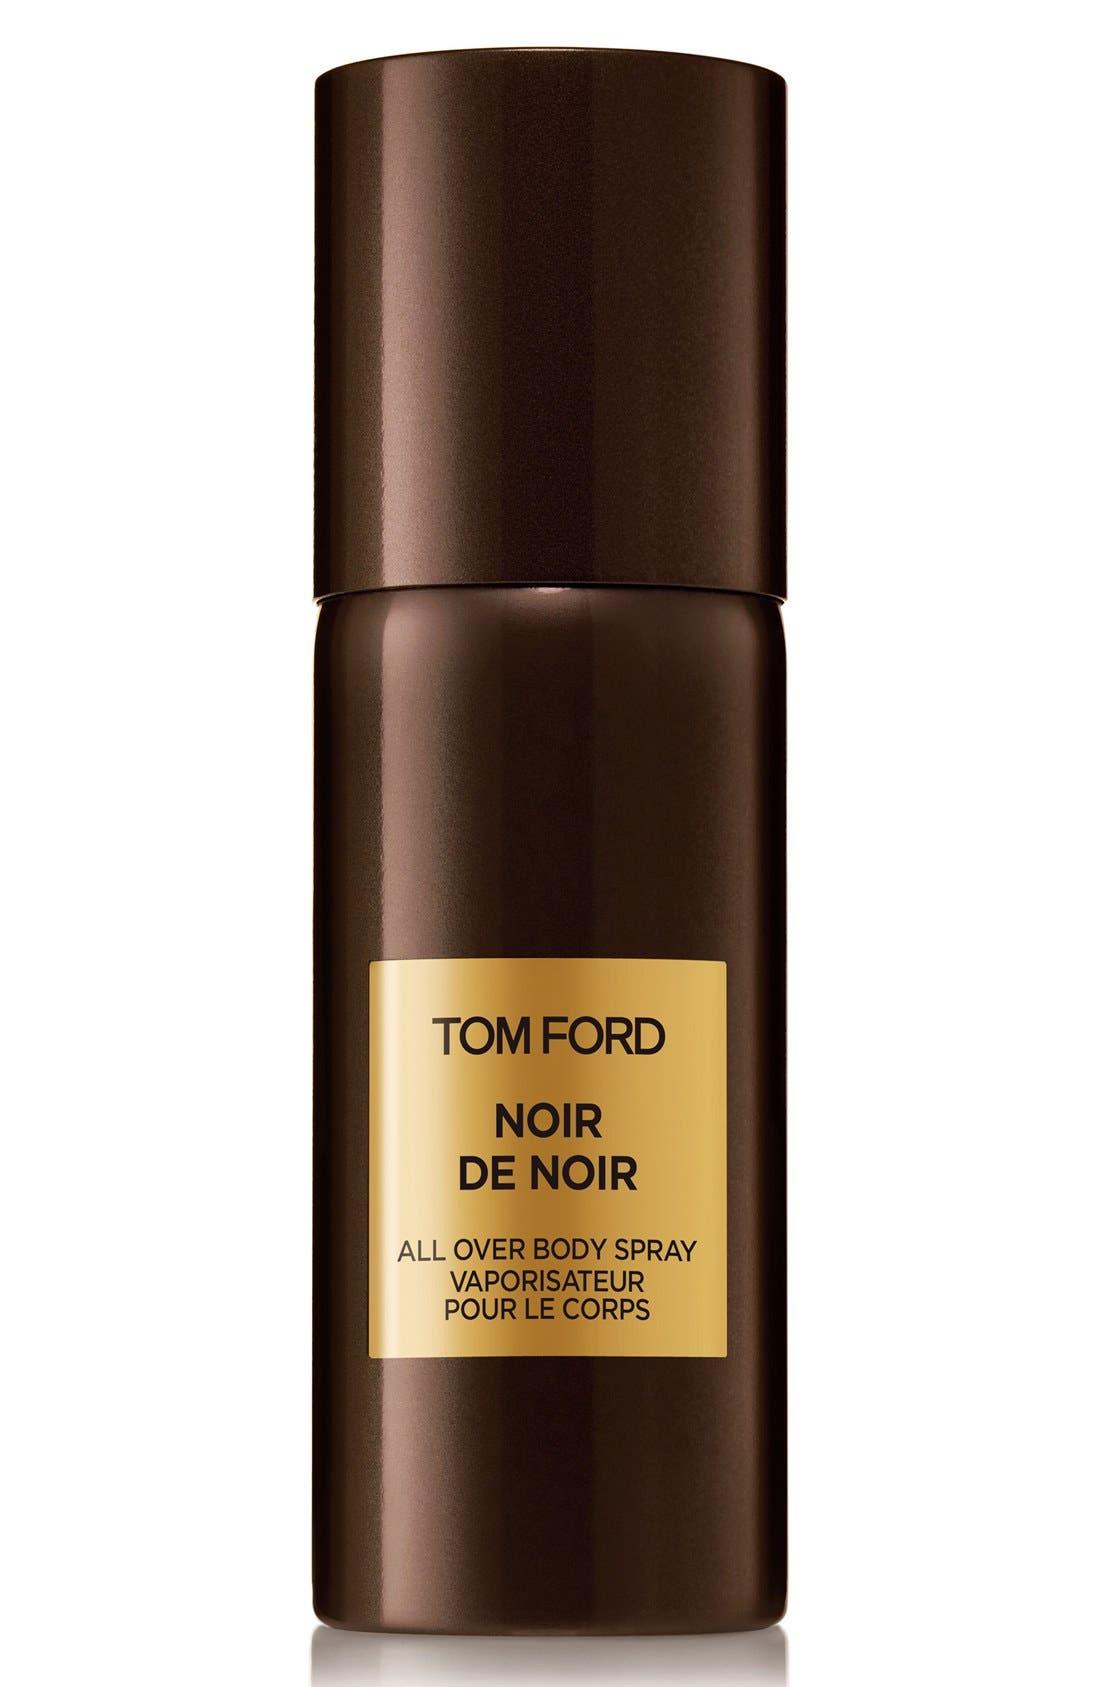 Tom Ford 'Noir de Noir' All Over Body Spray